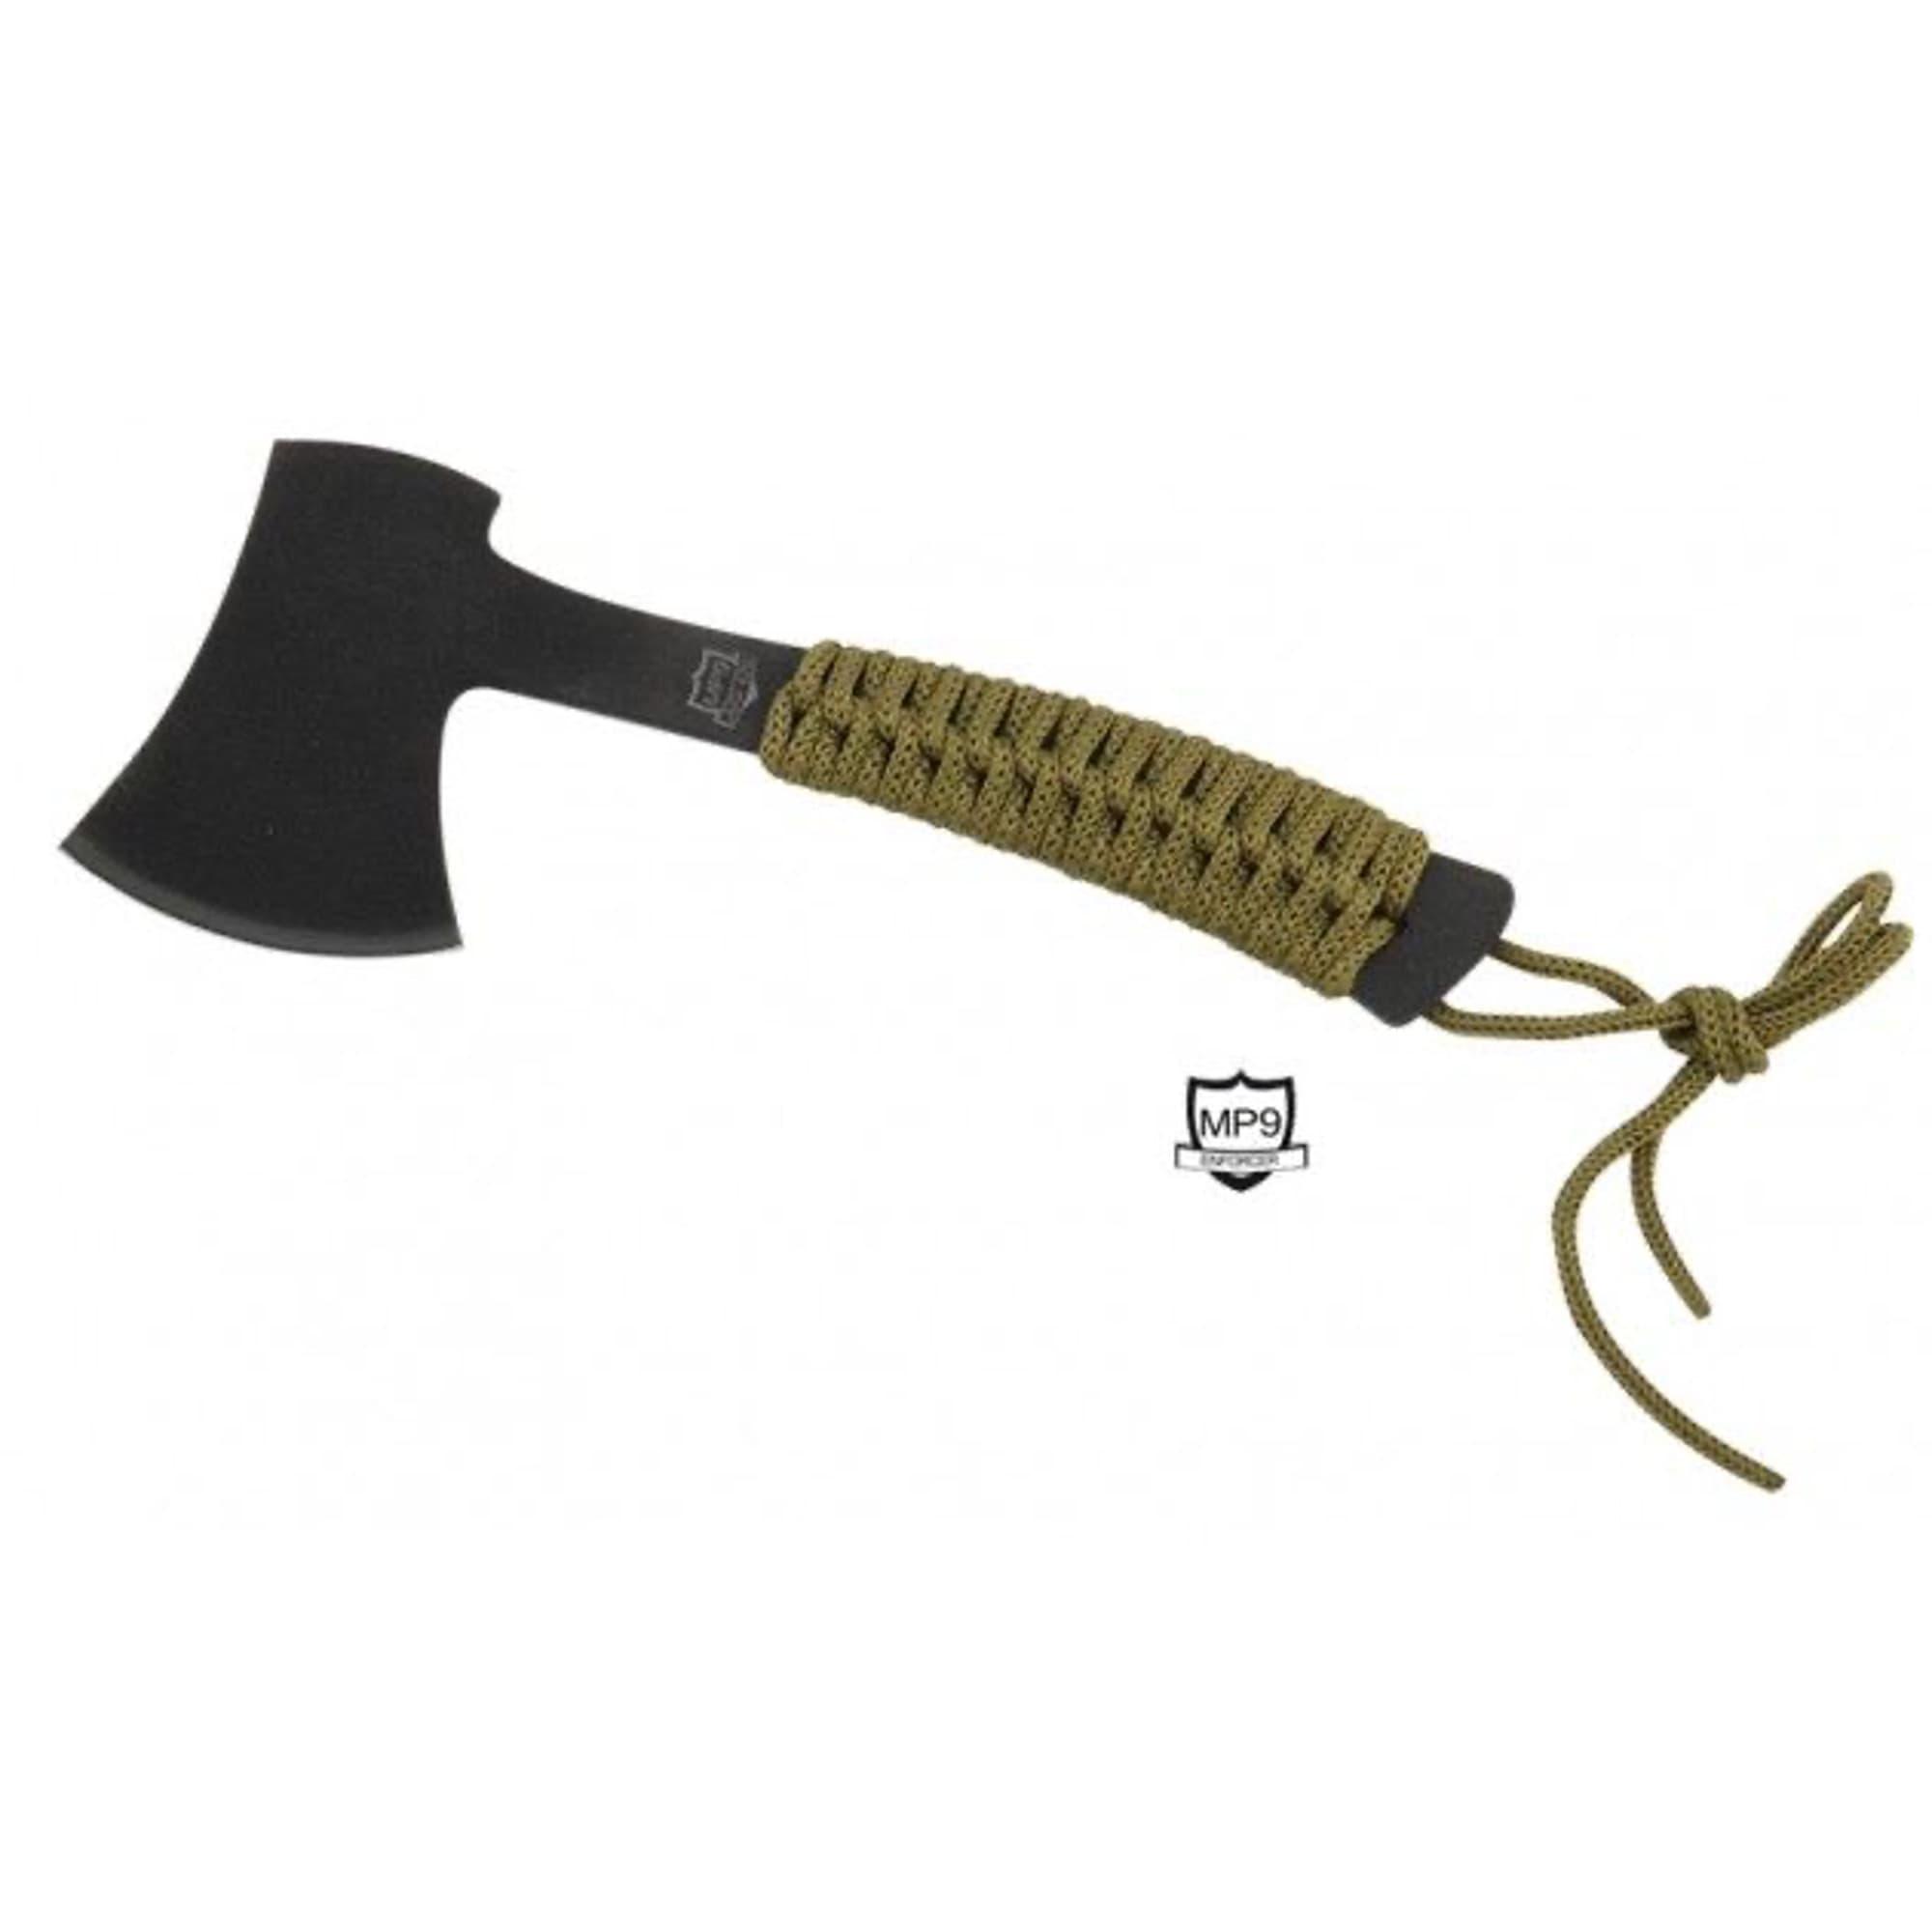 MP 9 handliches Allzweckbeil